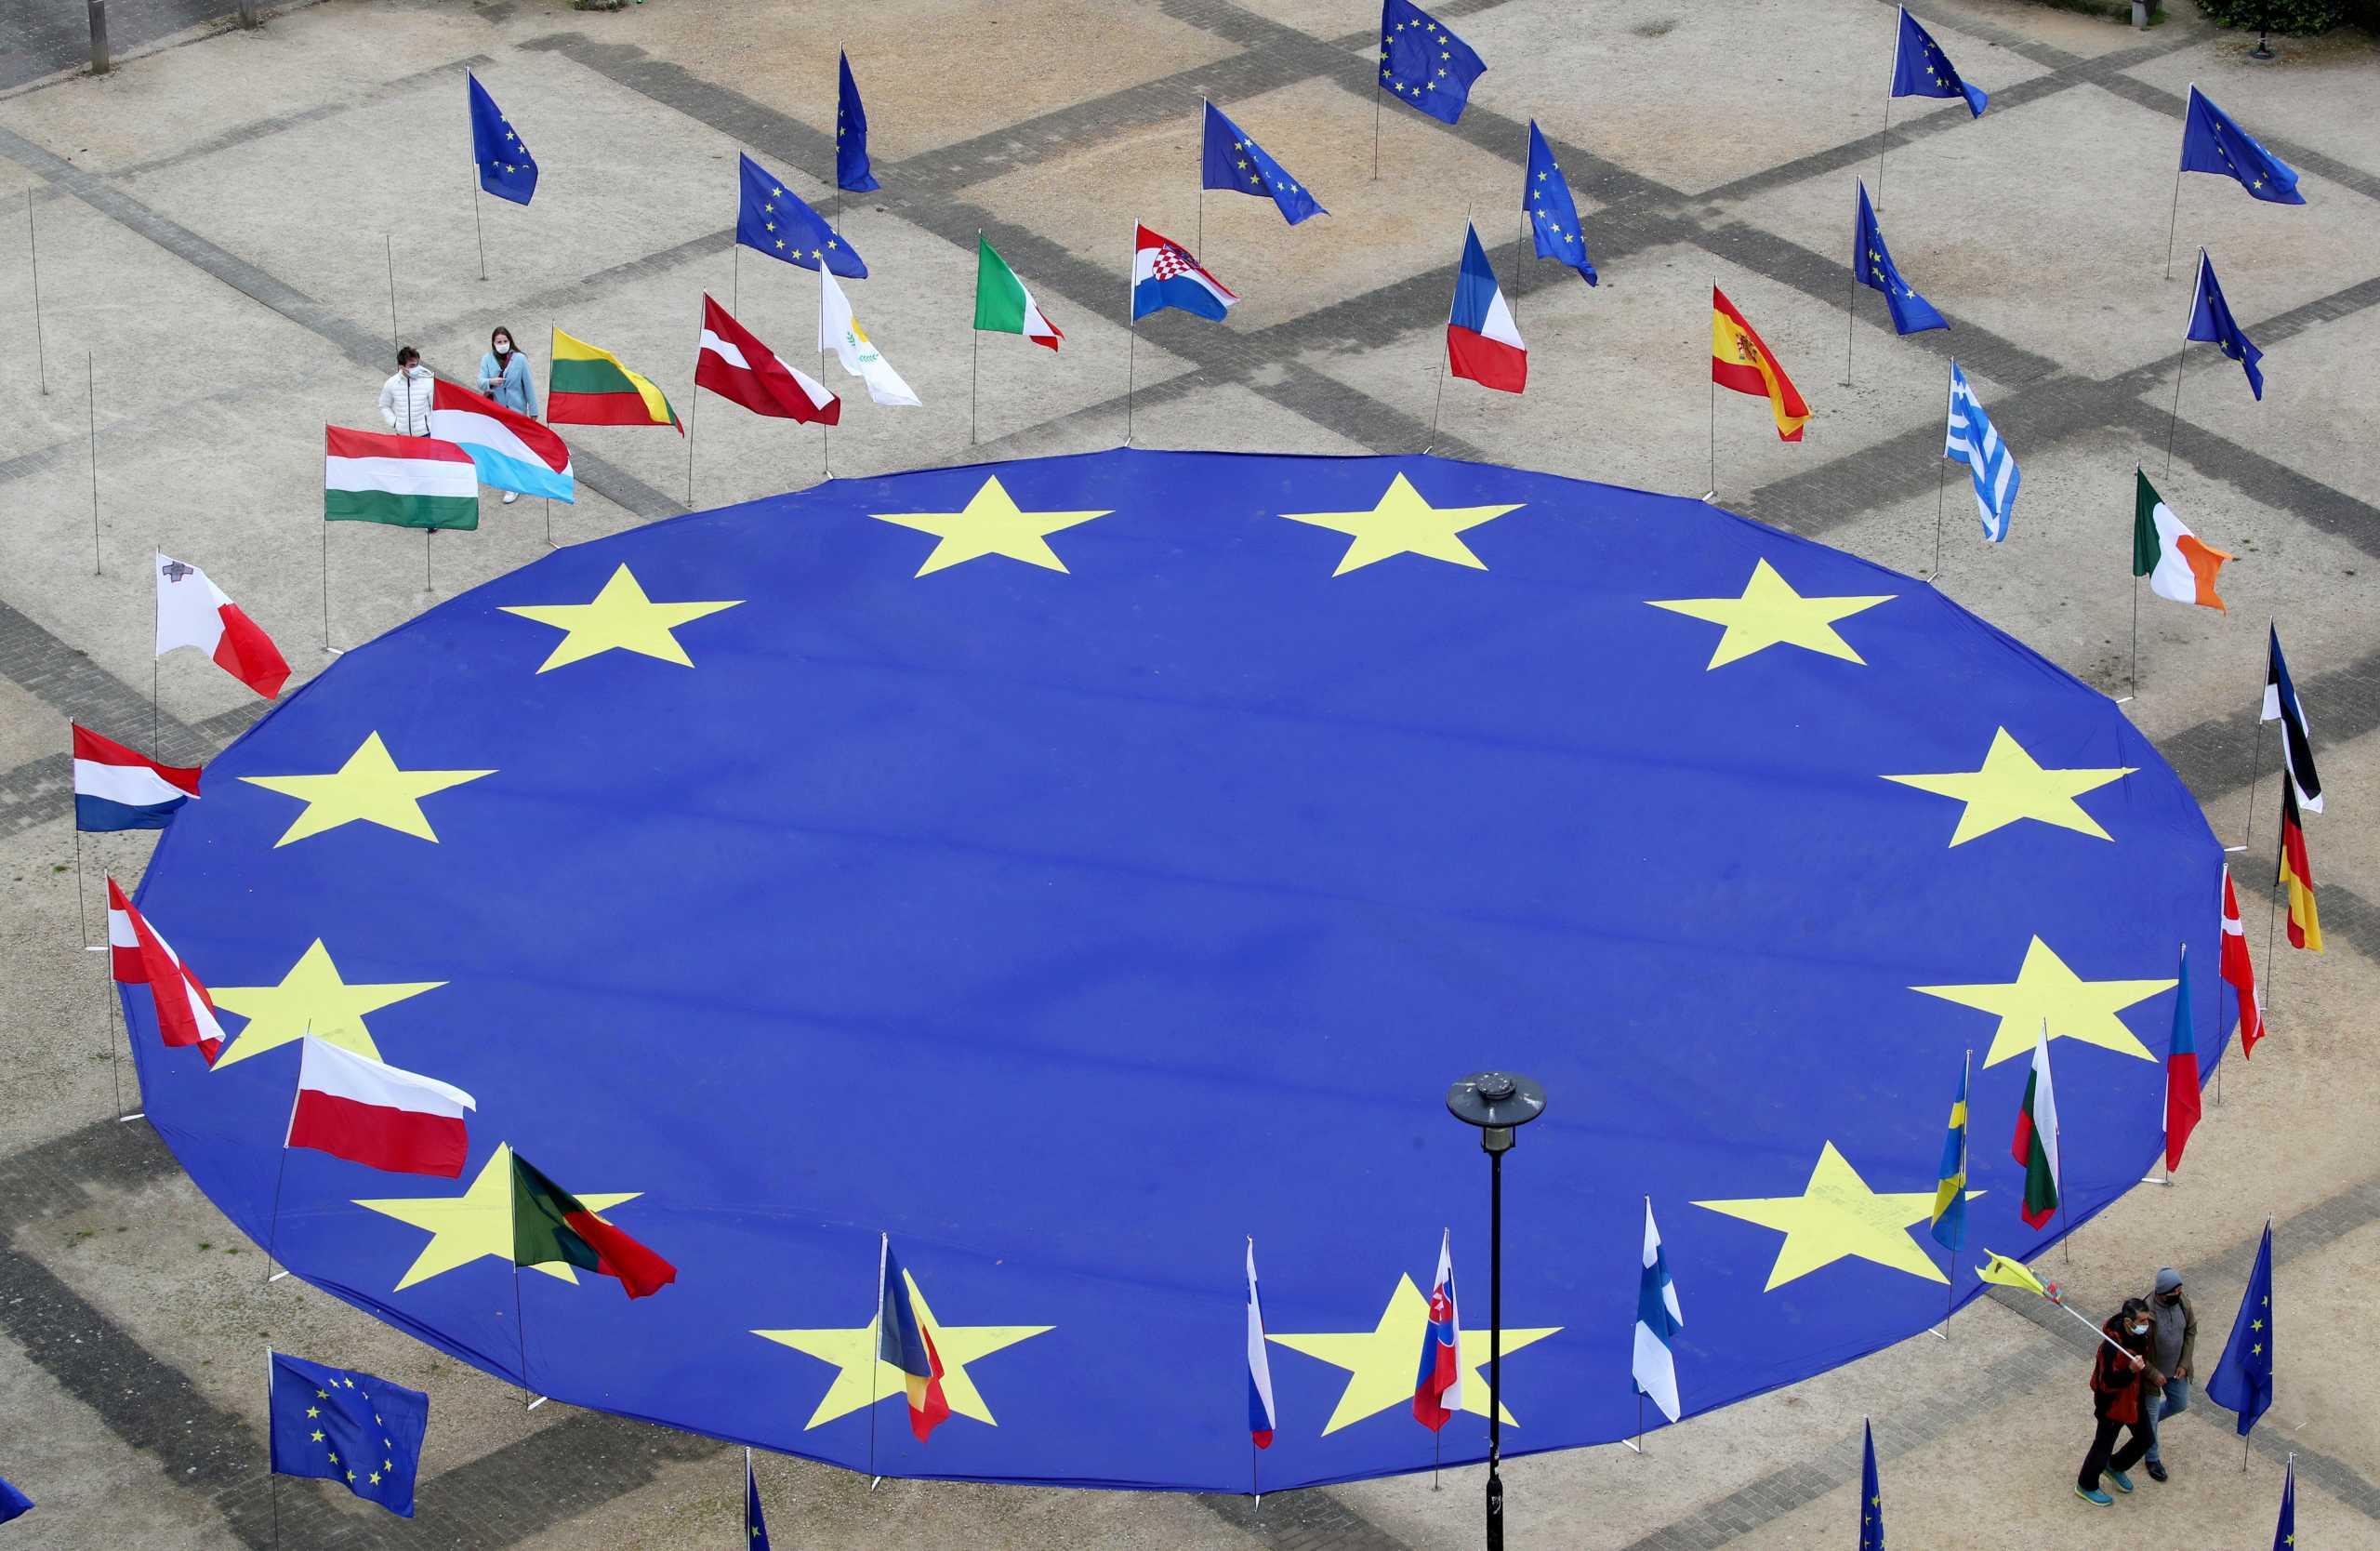 Ε.Ε: Στο «κενό» οι προσπάθειες συμφωνίας για το «πράσινο» πιστοποιητικό